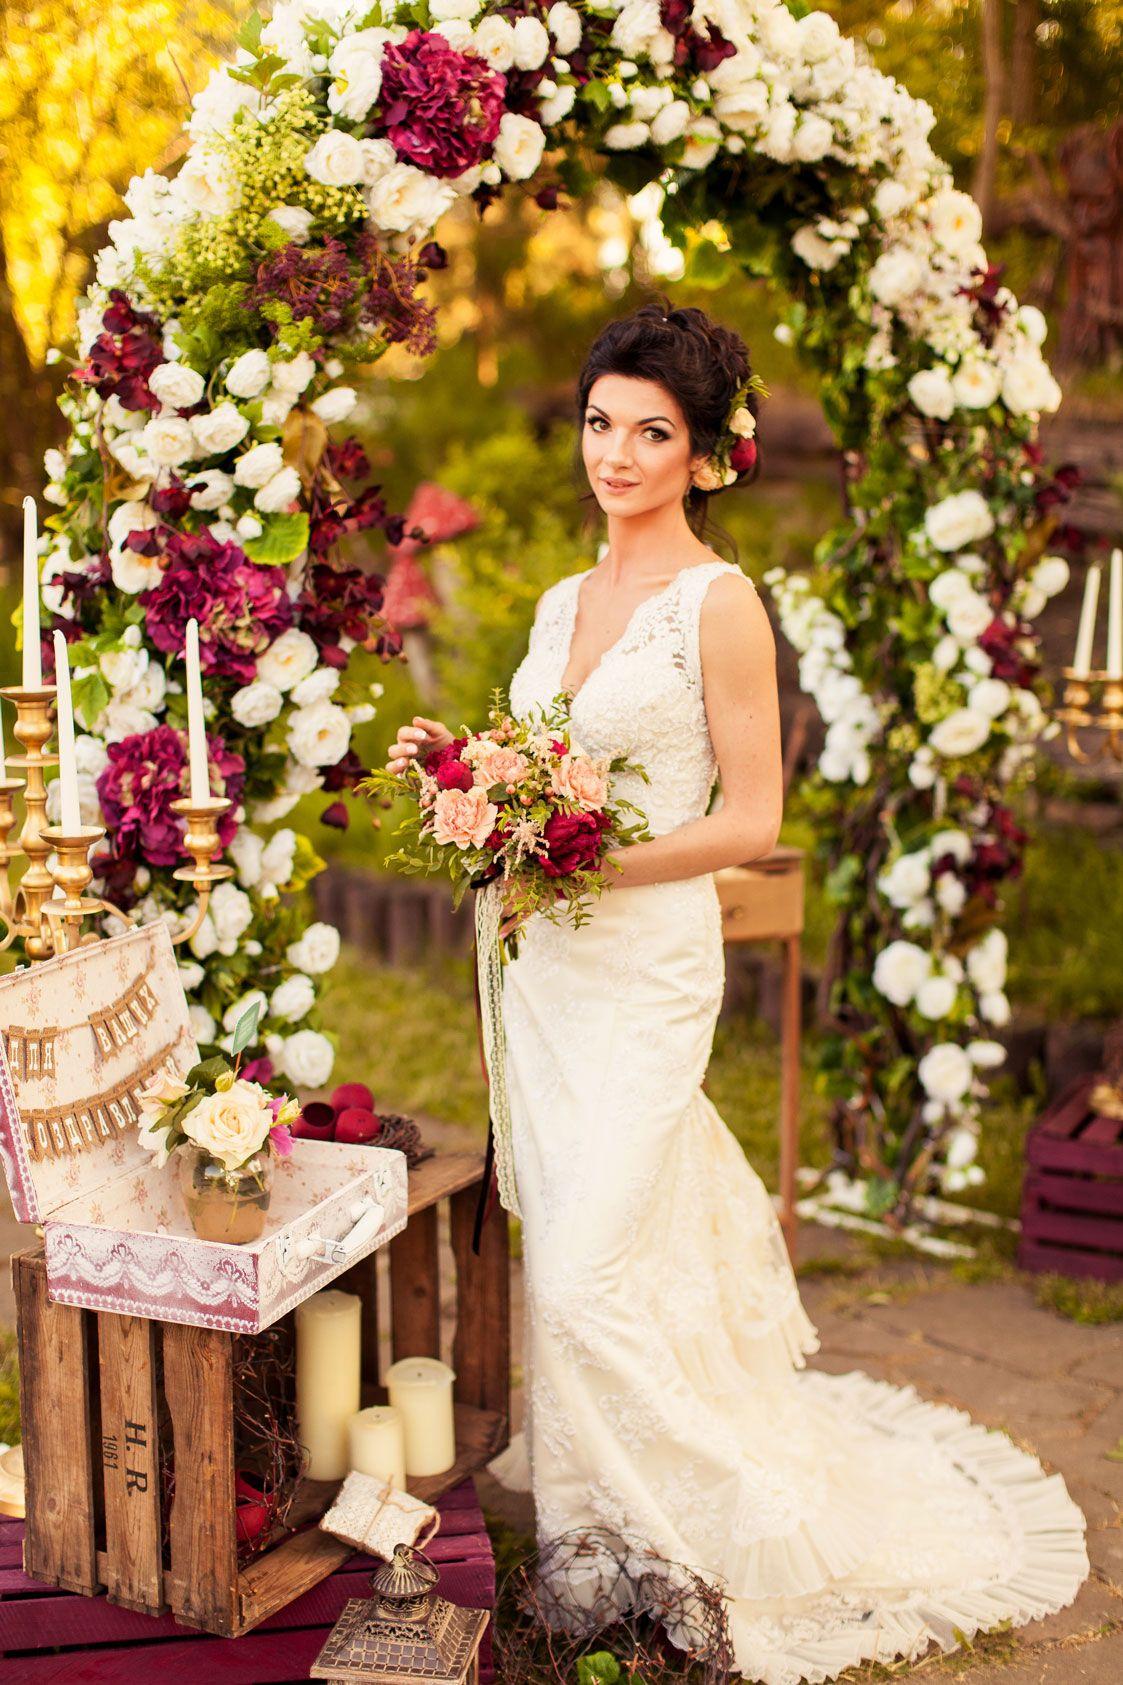 wedding arch, ceremony, flowers, decor, open air , церемония, свадебная арка, невеста, букет невесты, свадебная флористика, украшения невесты